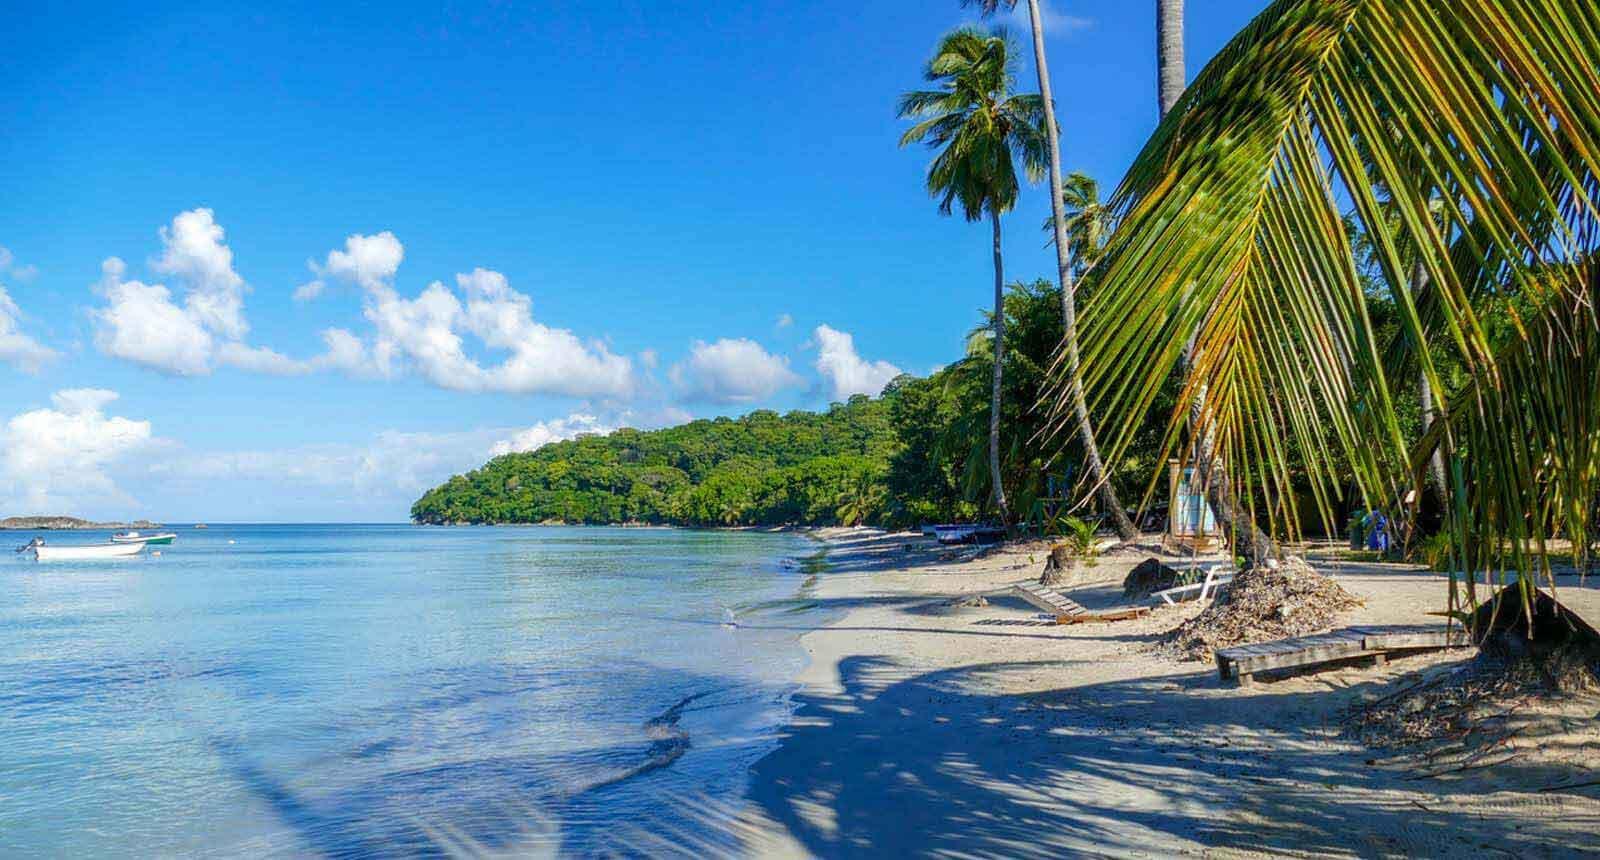 Beach in Providencia Colombia